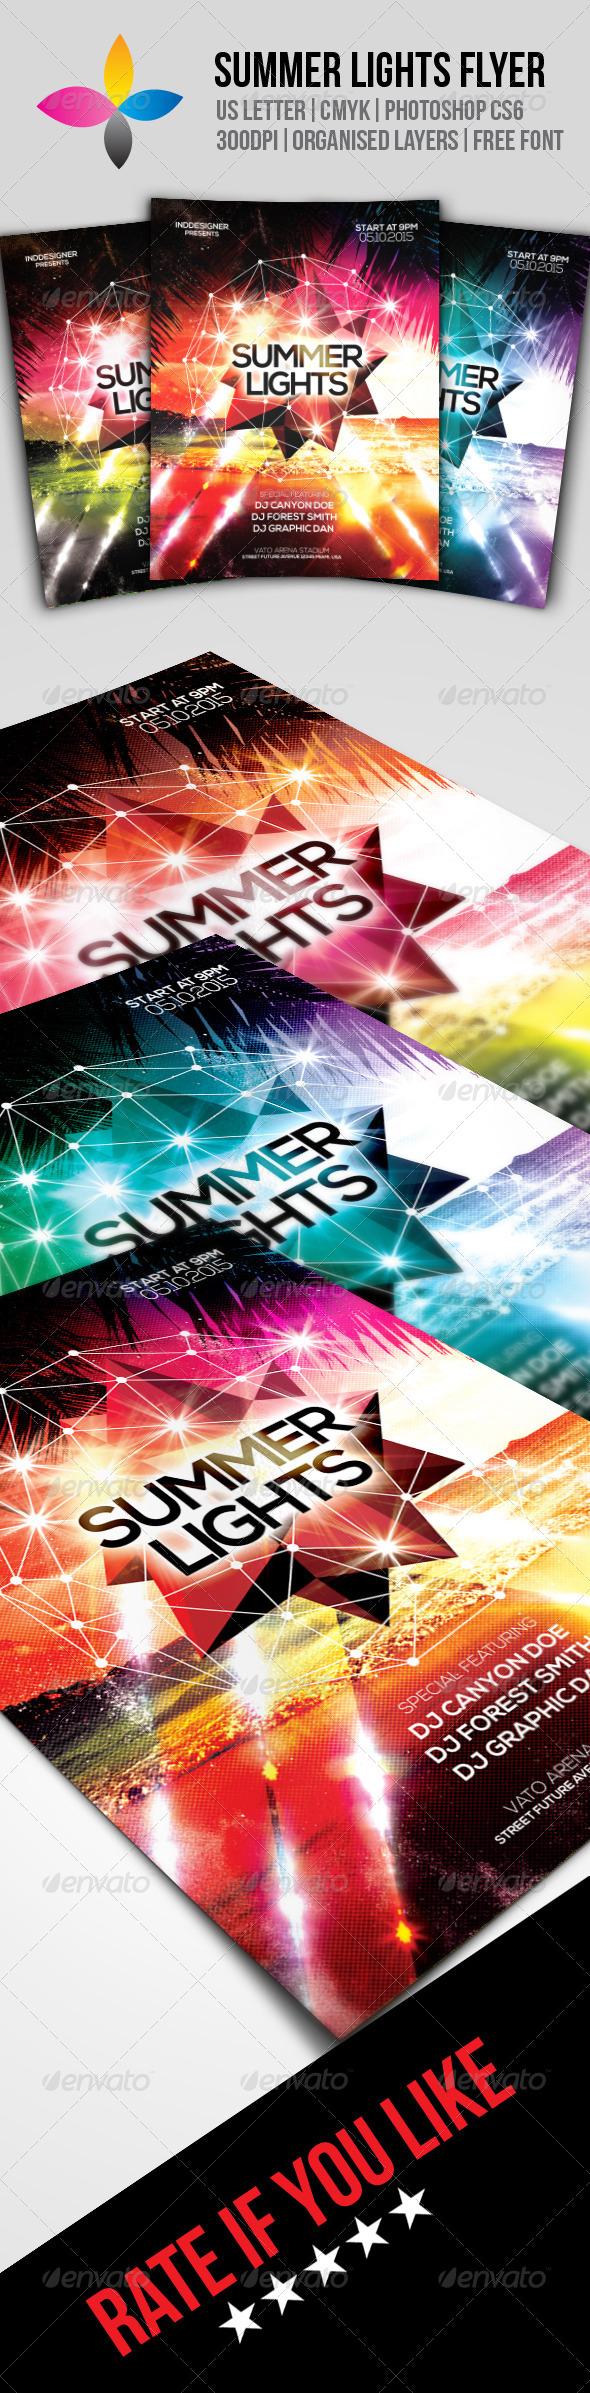 GraphicRiver Summer Lights Flyer 8590558